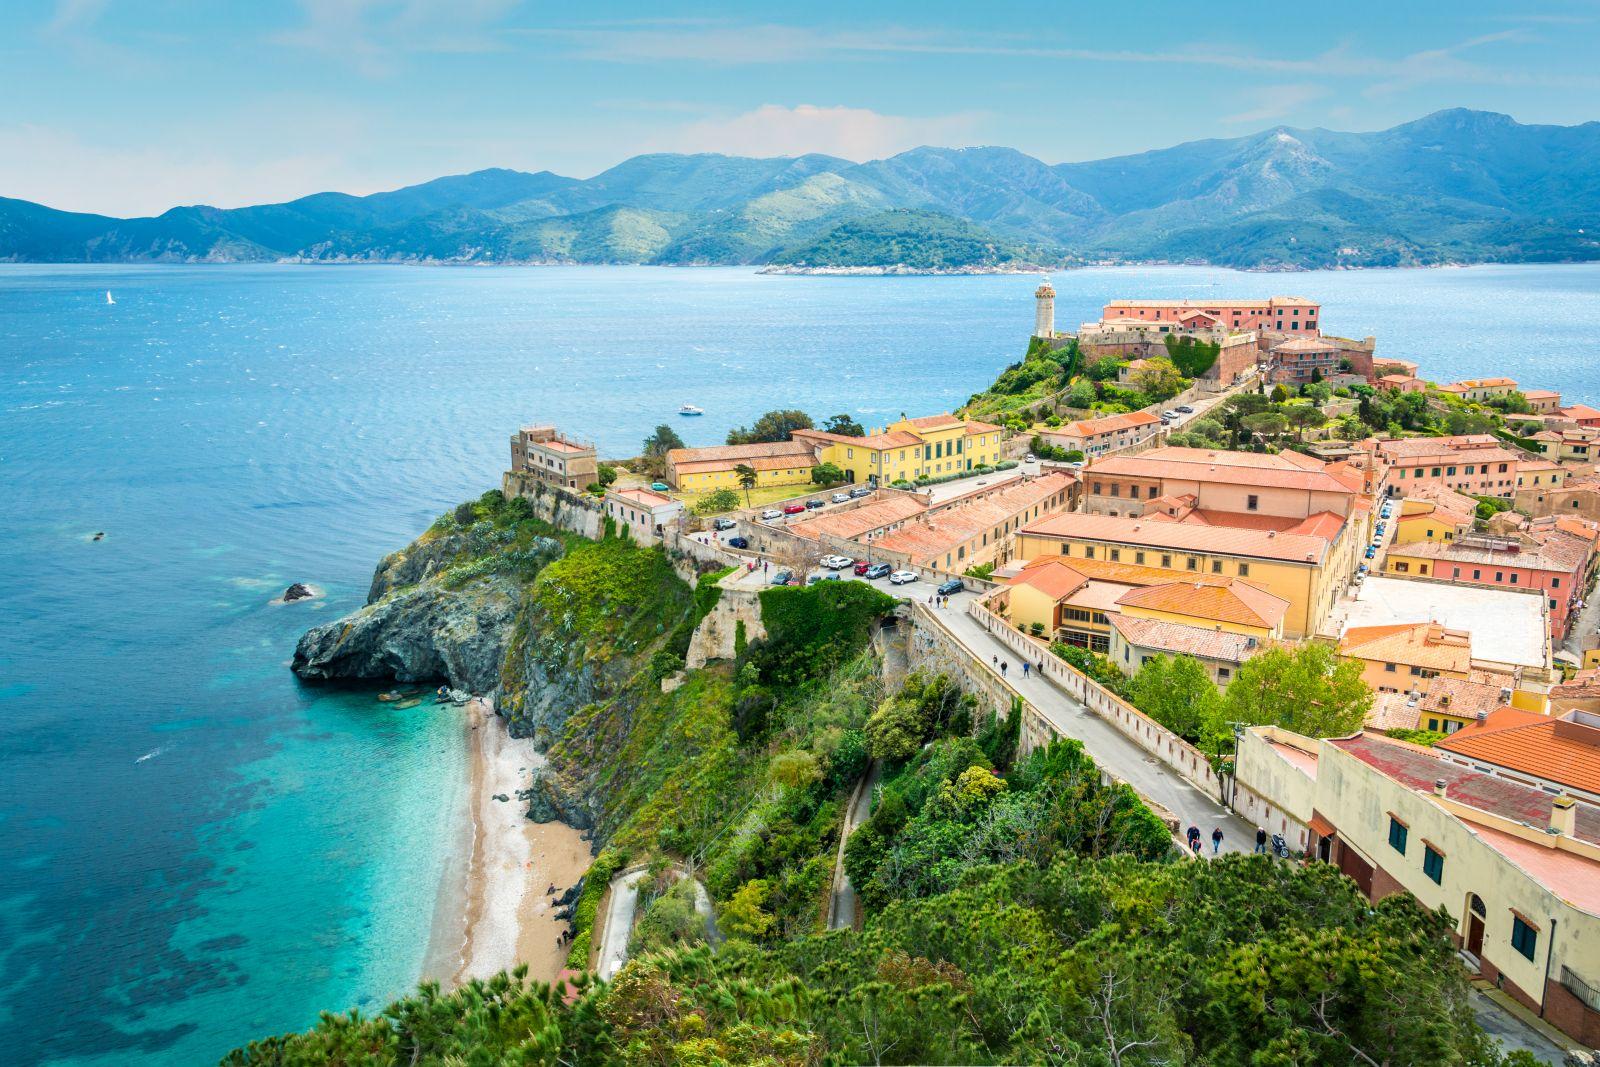 Auch die Hauptstadt der Insel liegt direkt an der Küste, Portoferraio. ©e55evu/AdobeStock